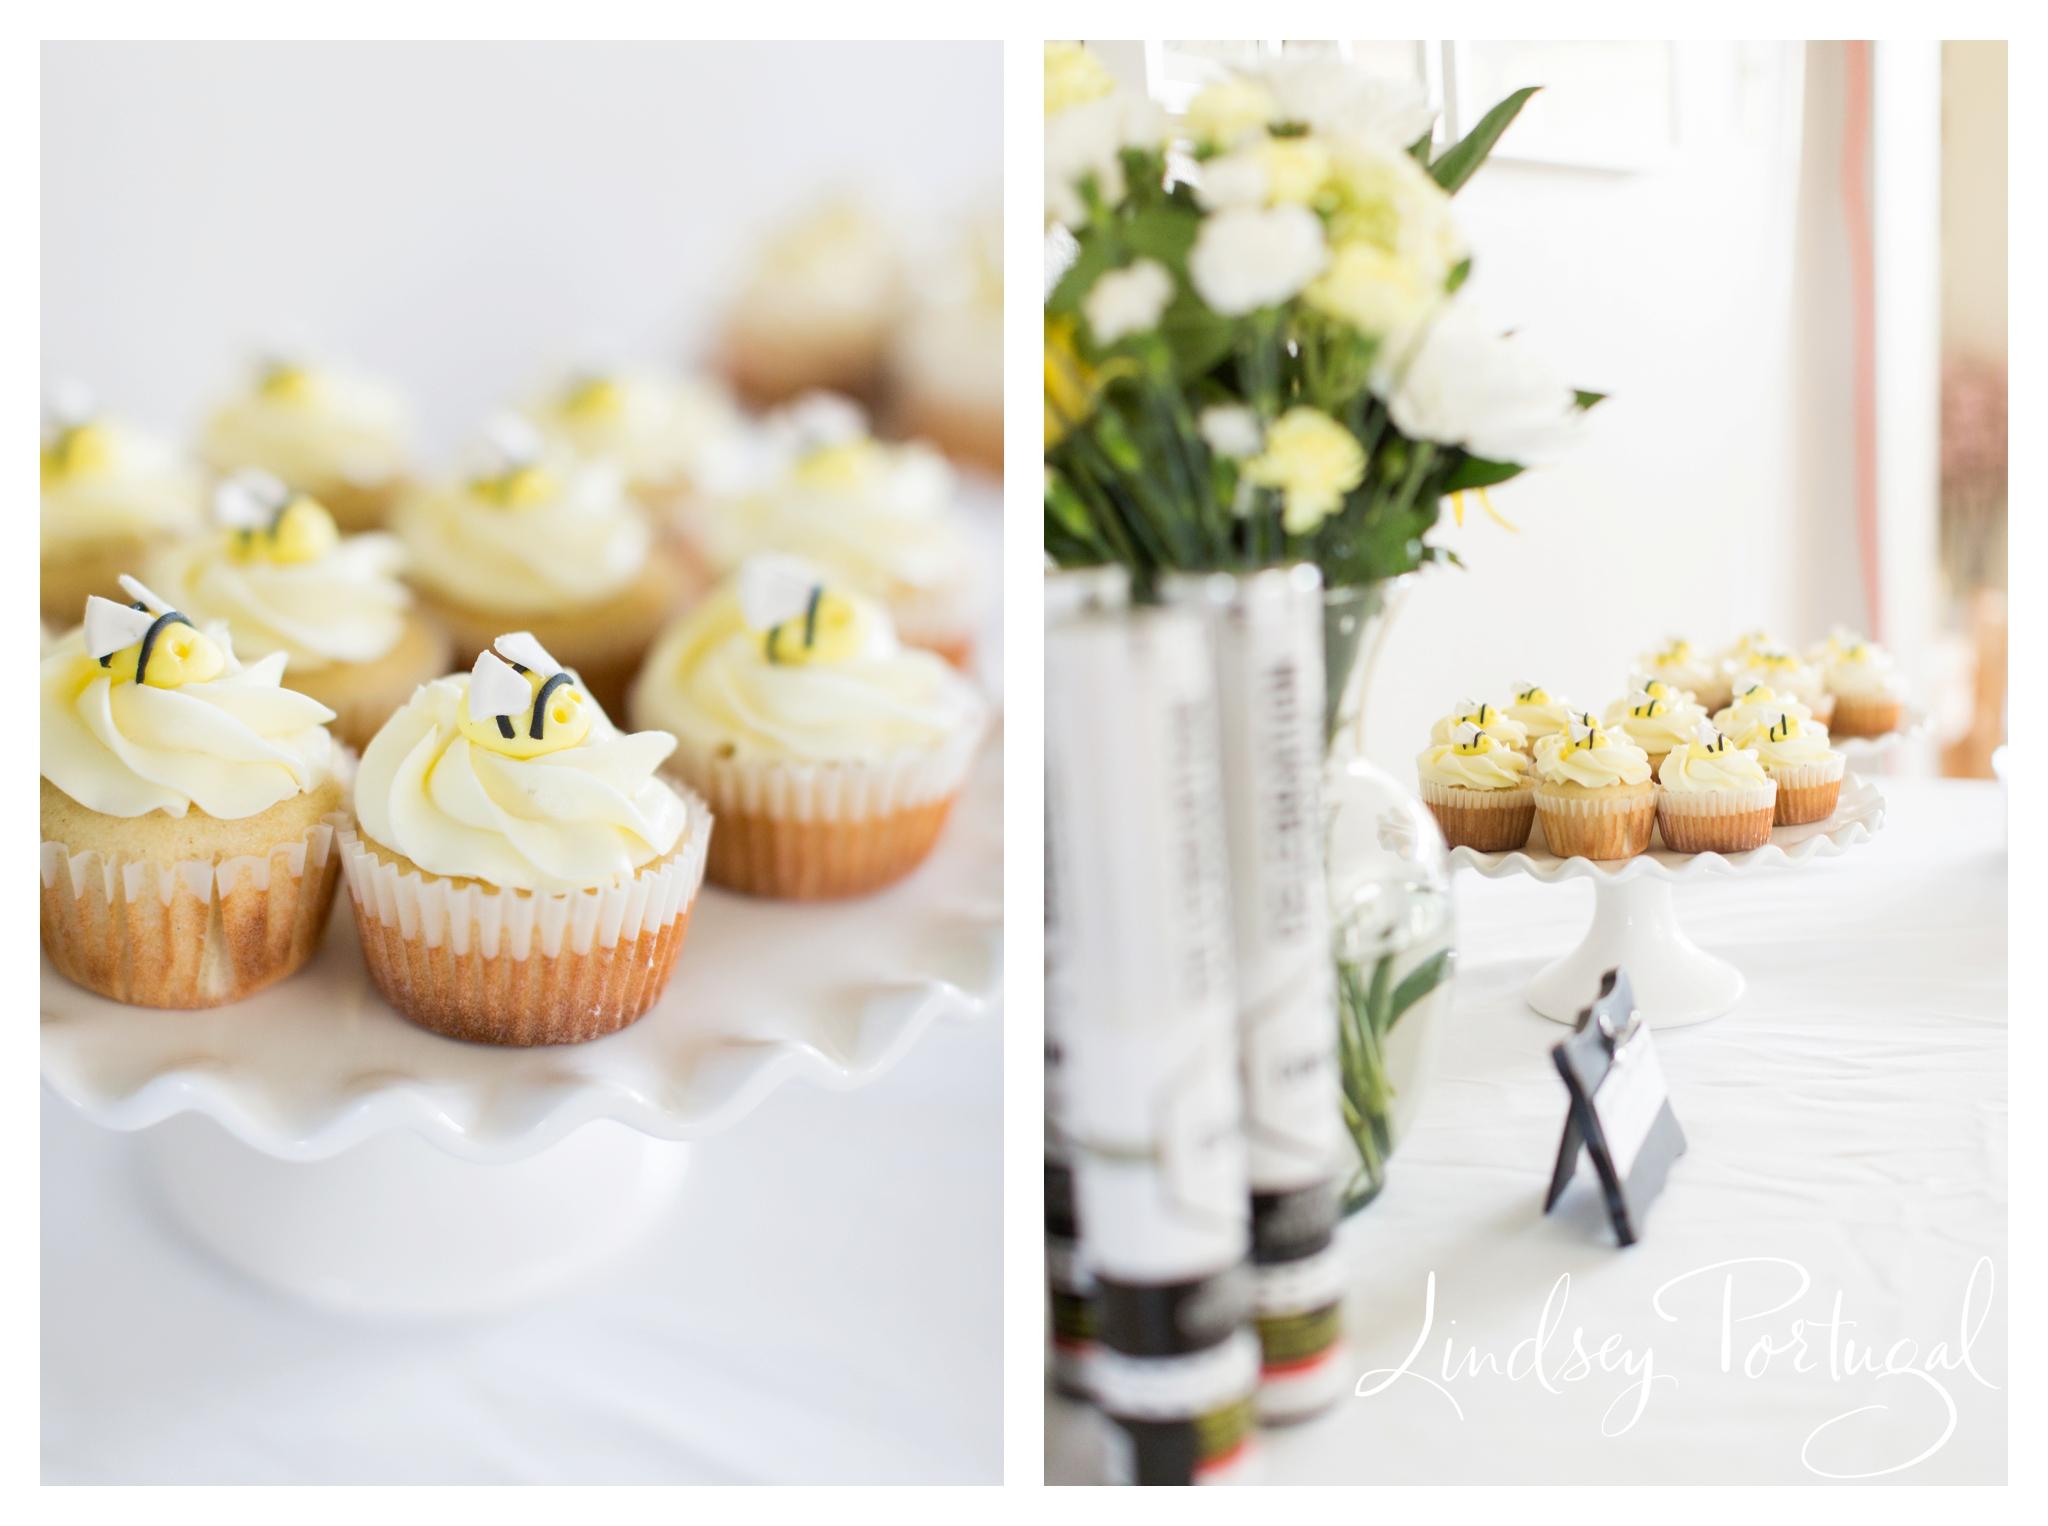 The gluteny bakery cupcakes